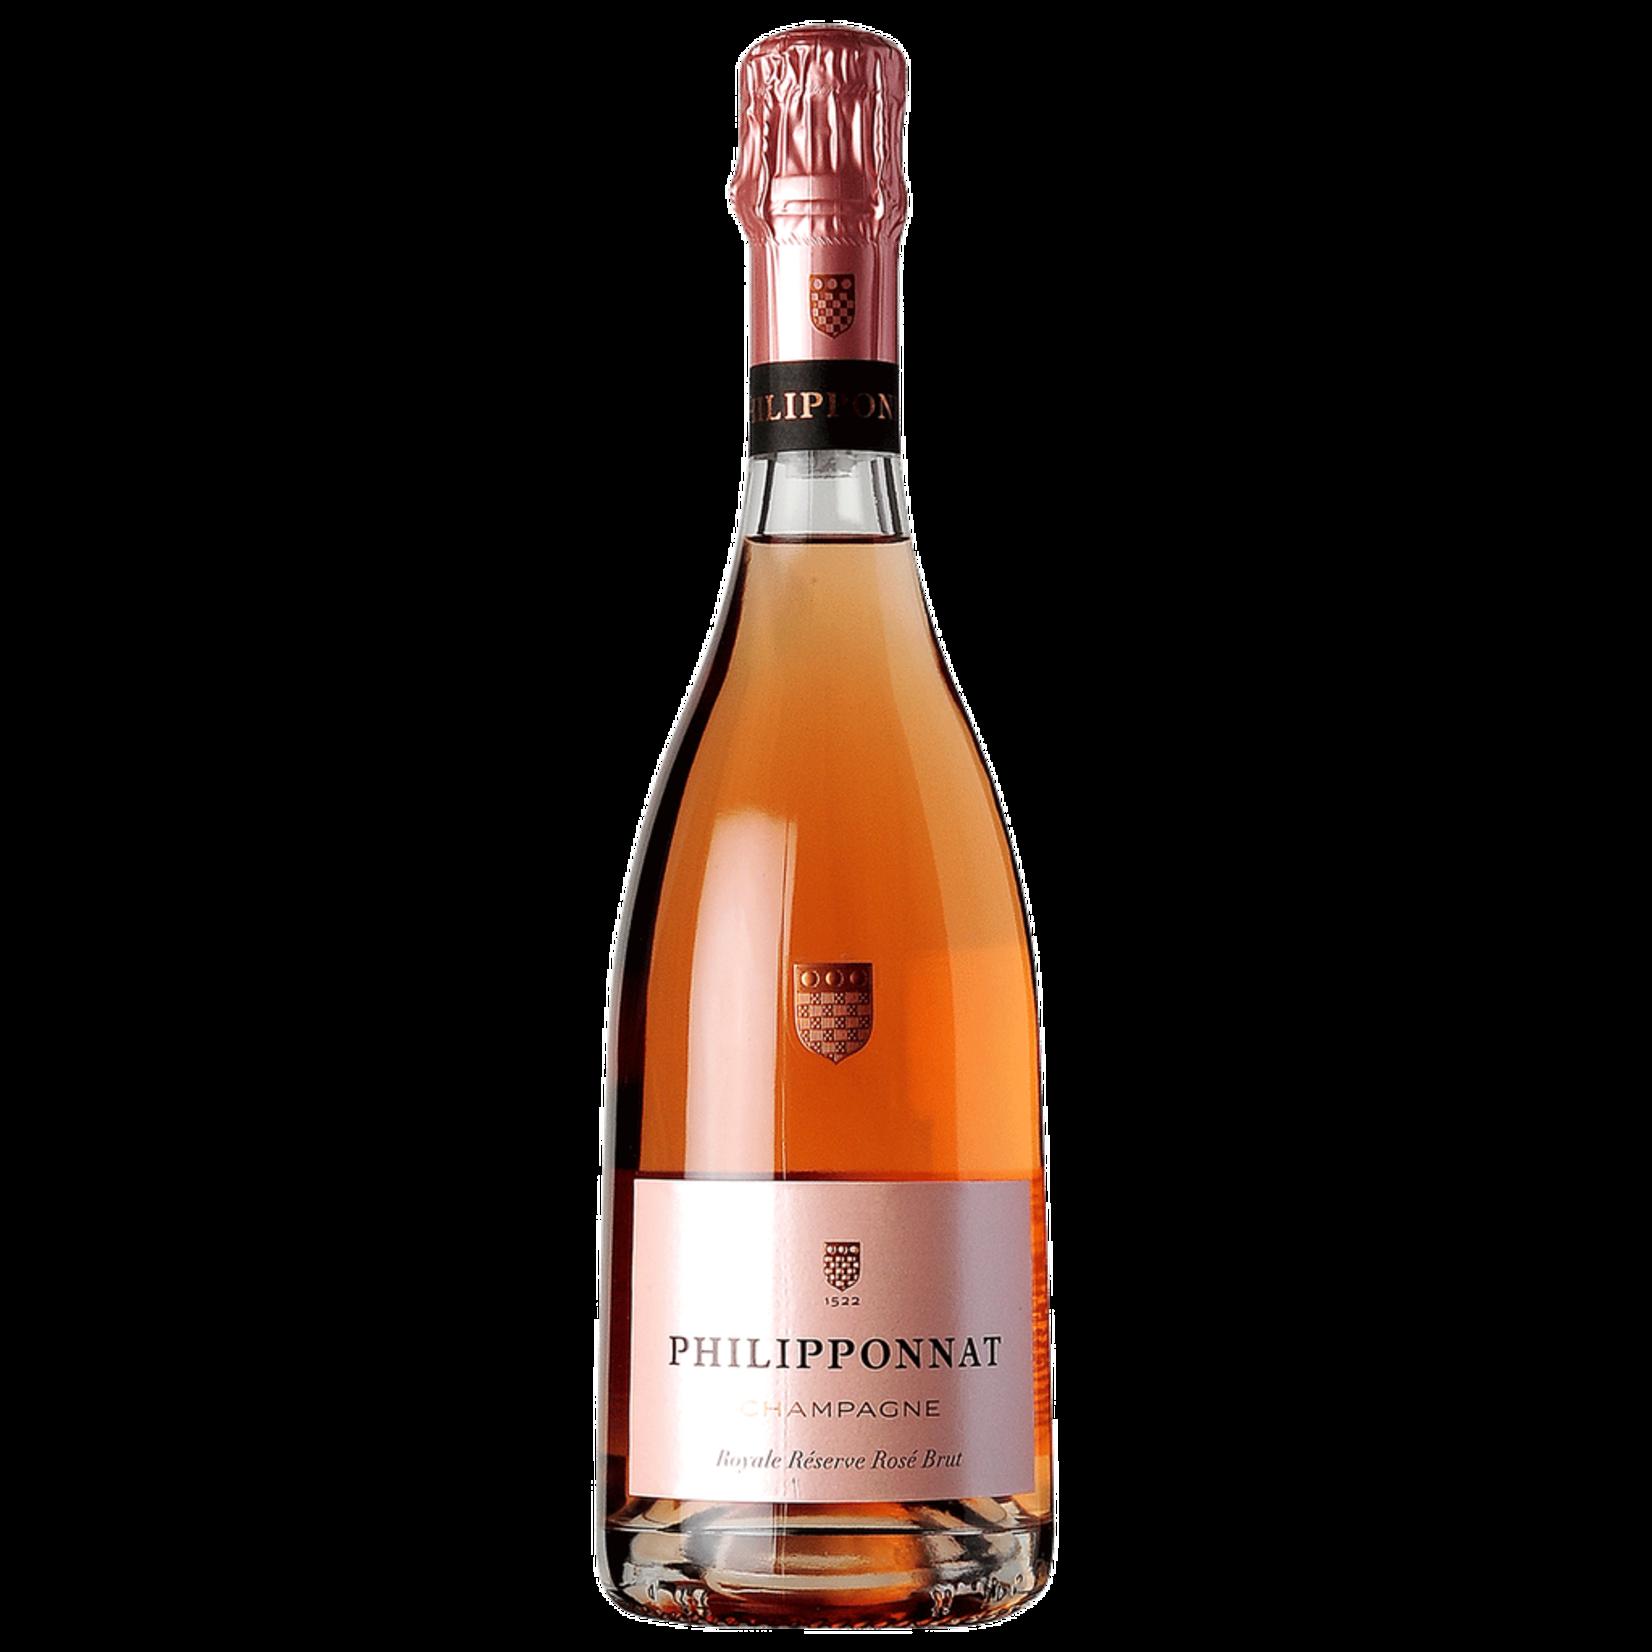 Sparkling Philipponnat Champagne Brut Rosé Royale Réserve